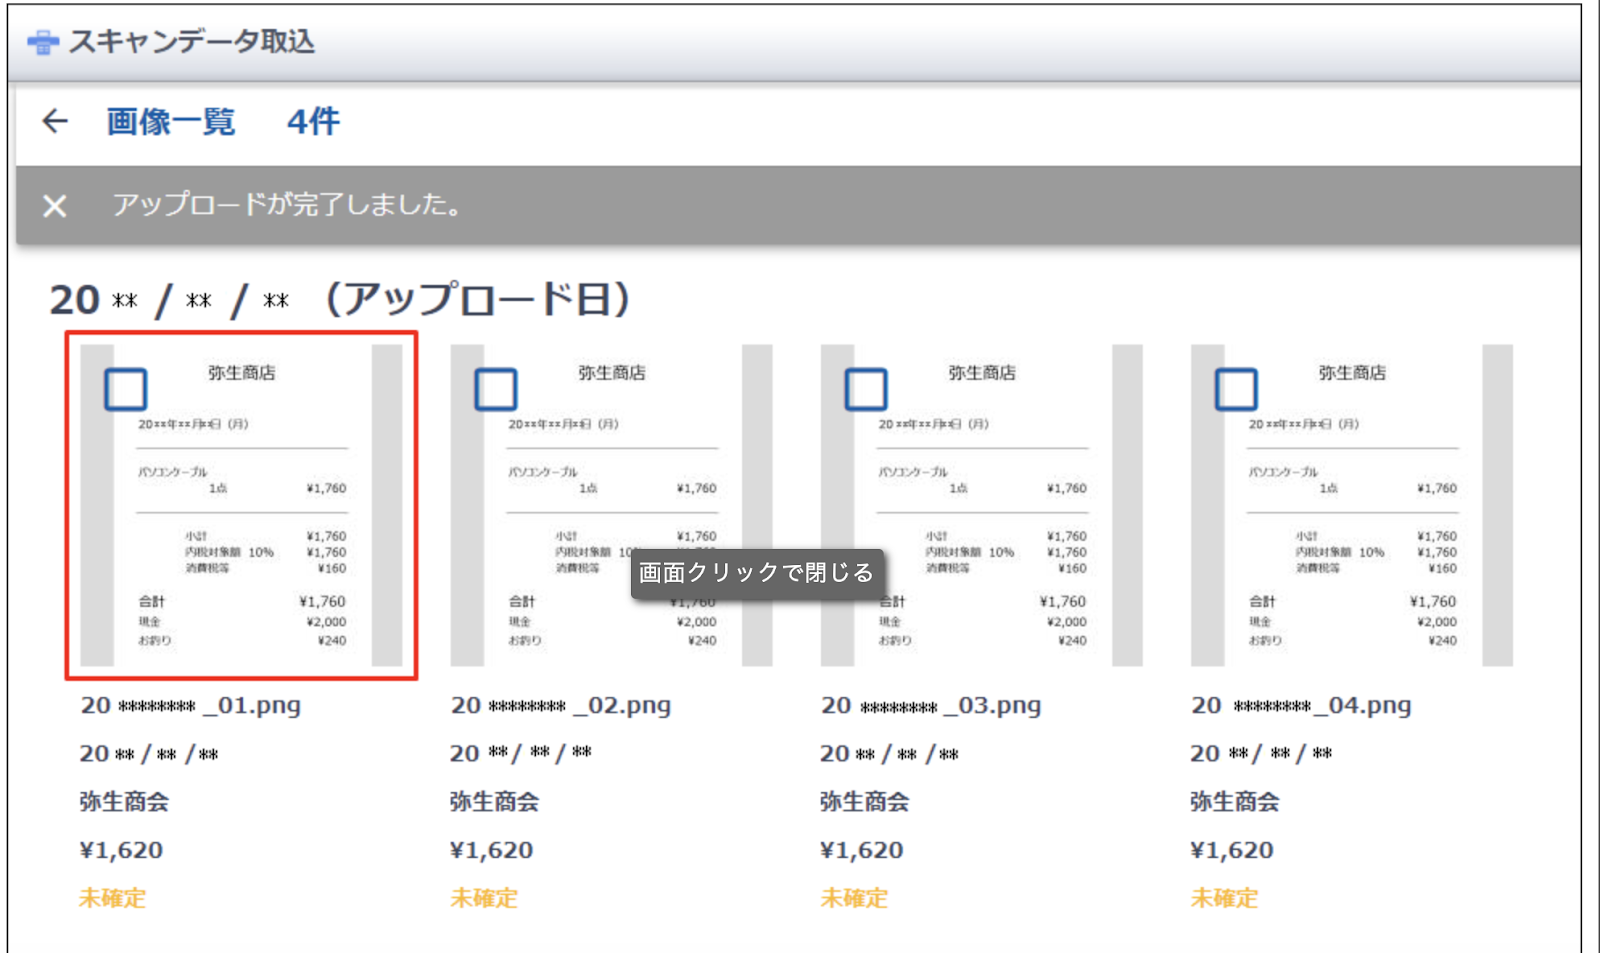 弥生会計オンライン「スキャンデータ取り込み画面」